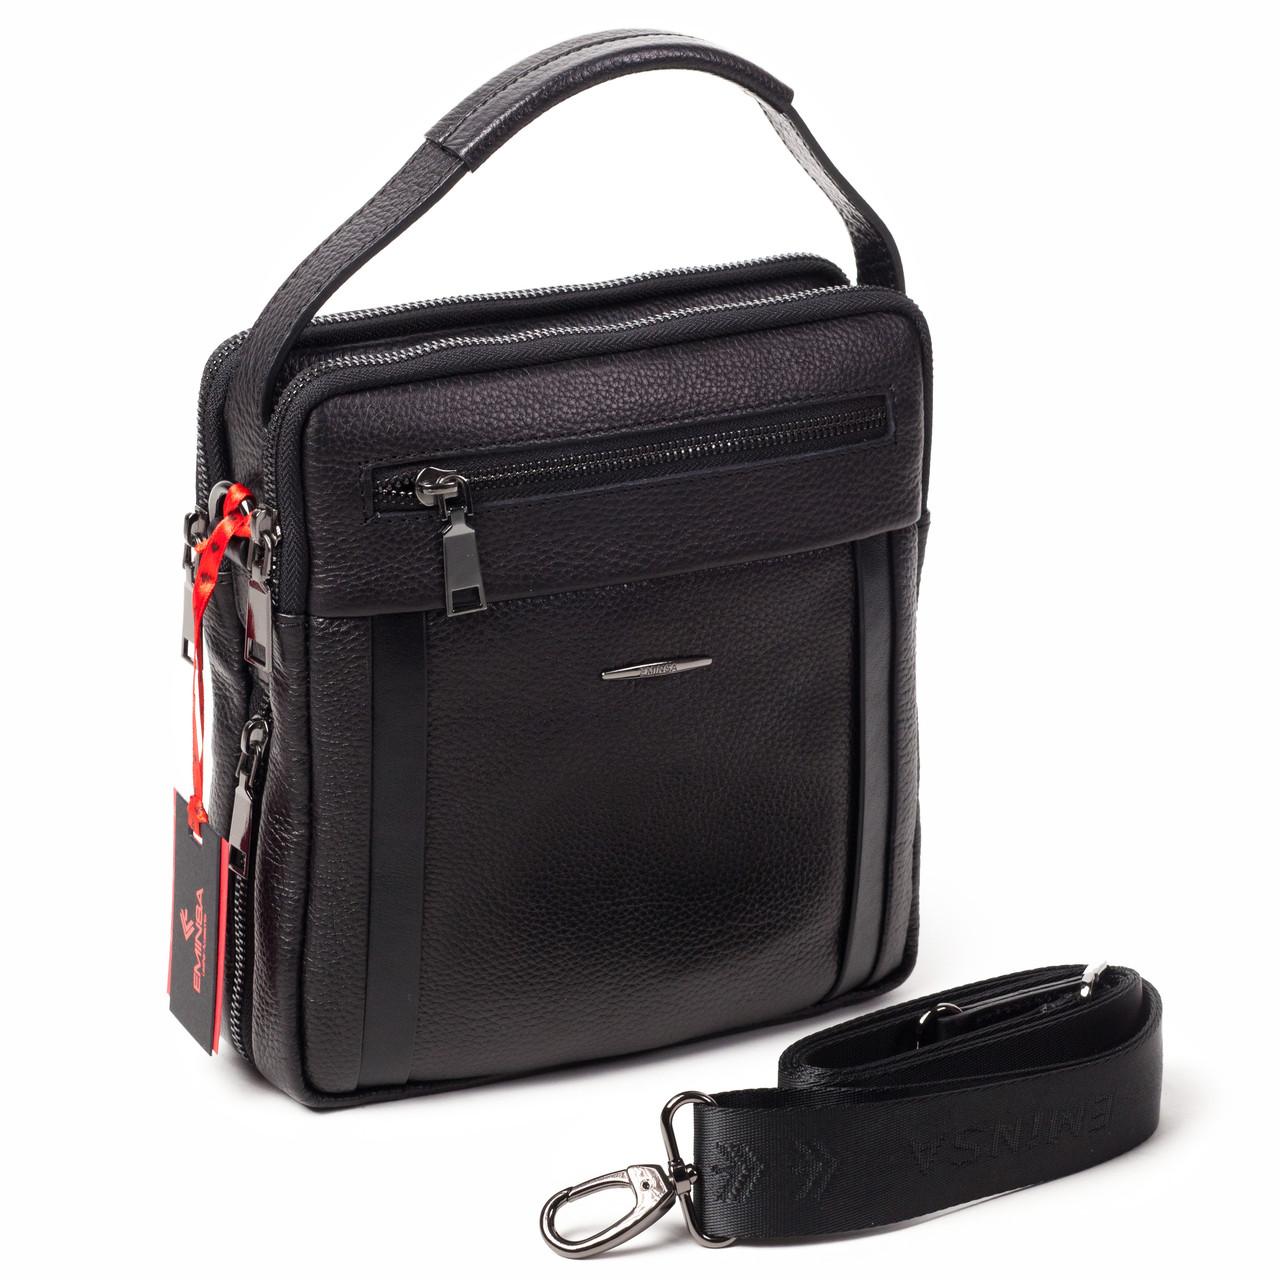 069c44823486 Мужская кожаная сумка черная Eminsa 6136-37-1 - FainaModa магазин кожаных  изделий в